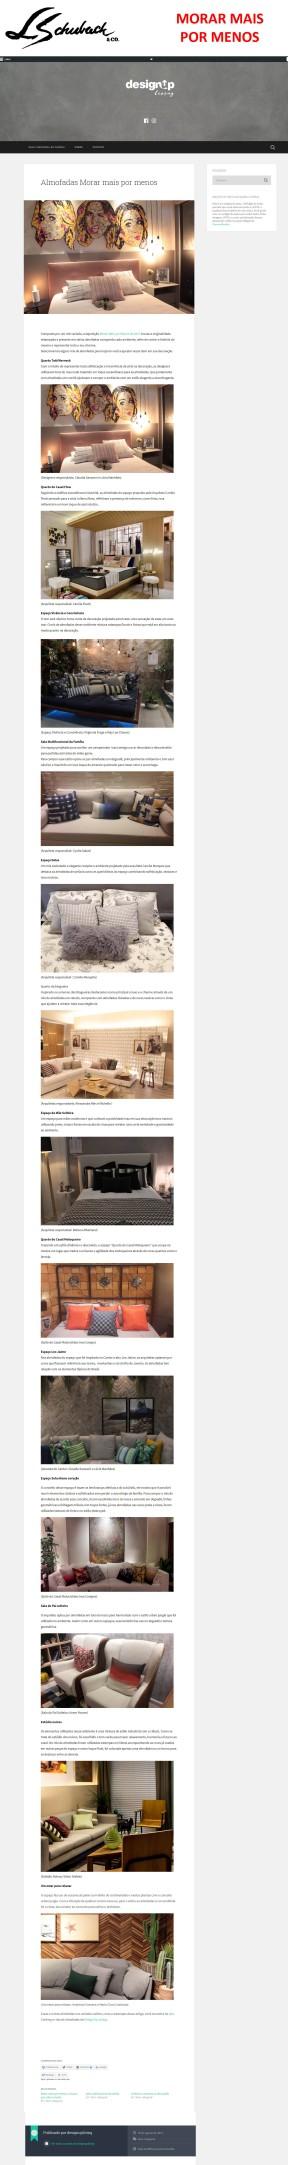 MORAR MAIS POR MENOS no blog DESIGN UP em 30 de Agosto de 2017